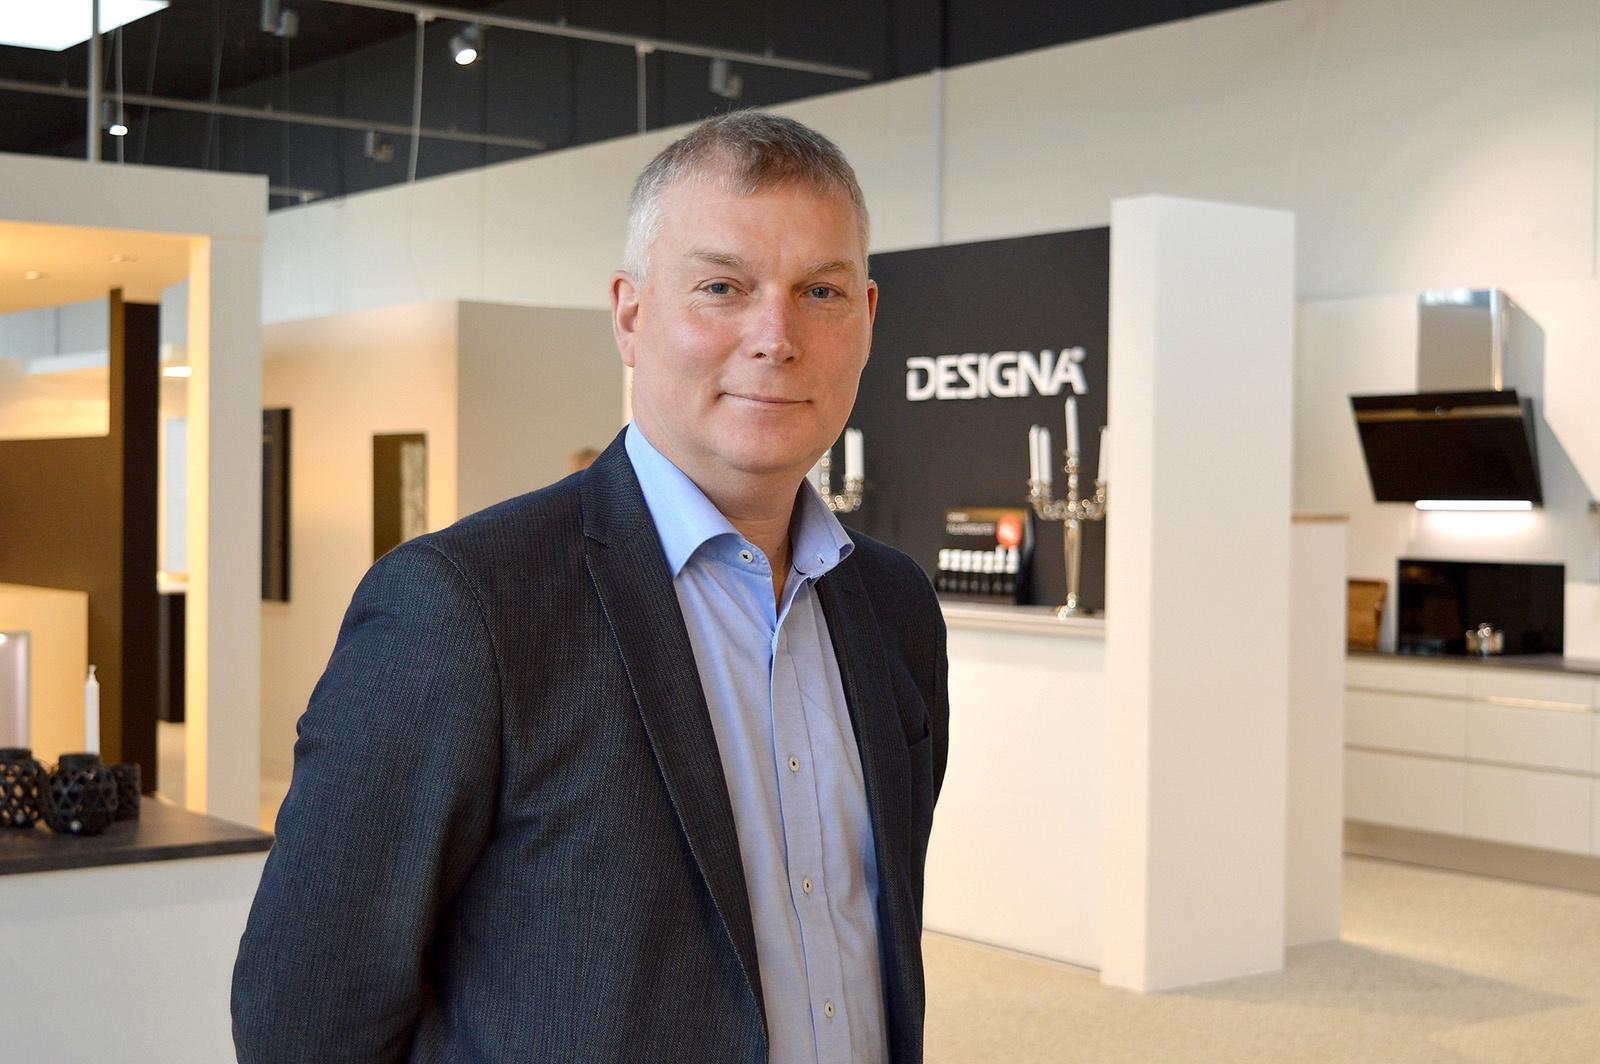 DESIGNA_Erik Høj